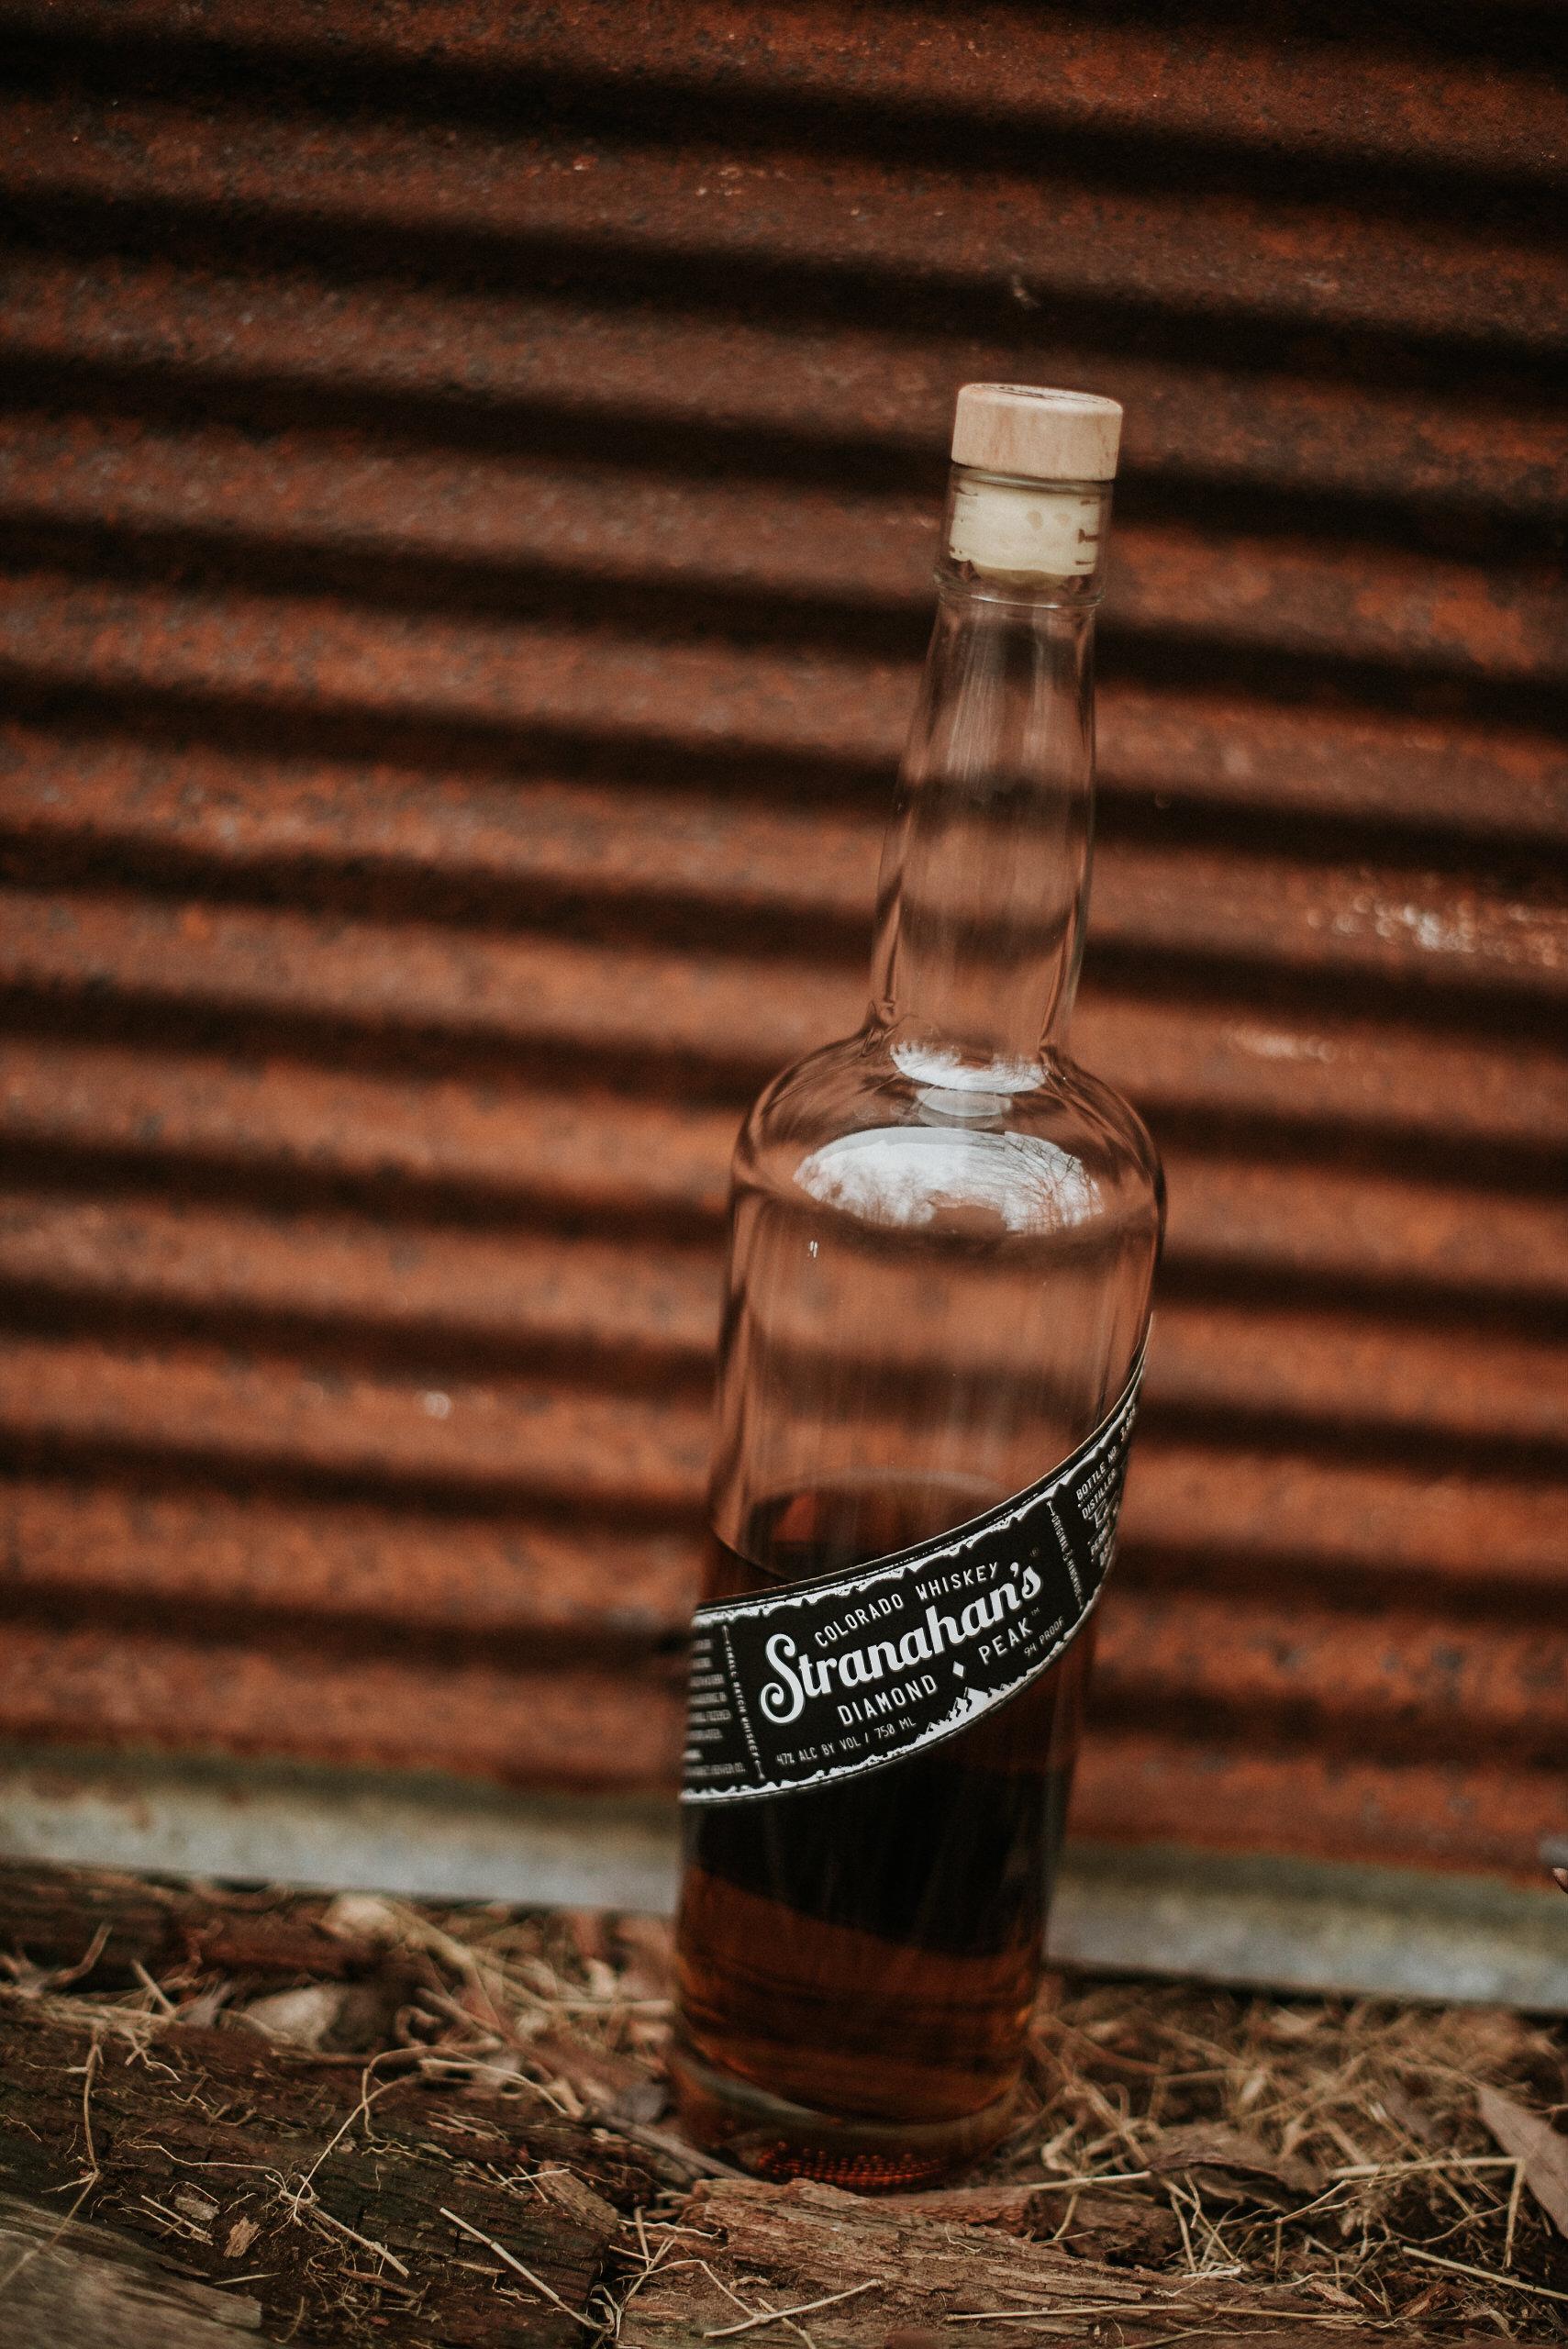 Bottle of Stranahan's whiskey